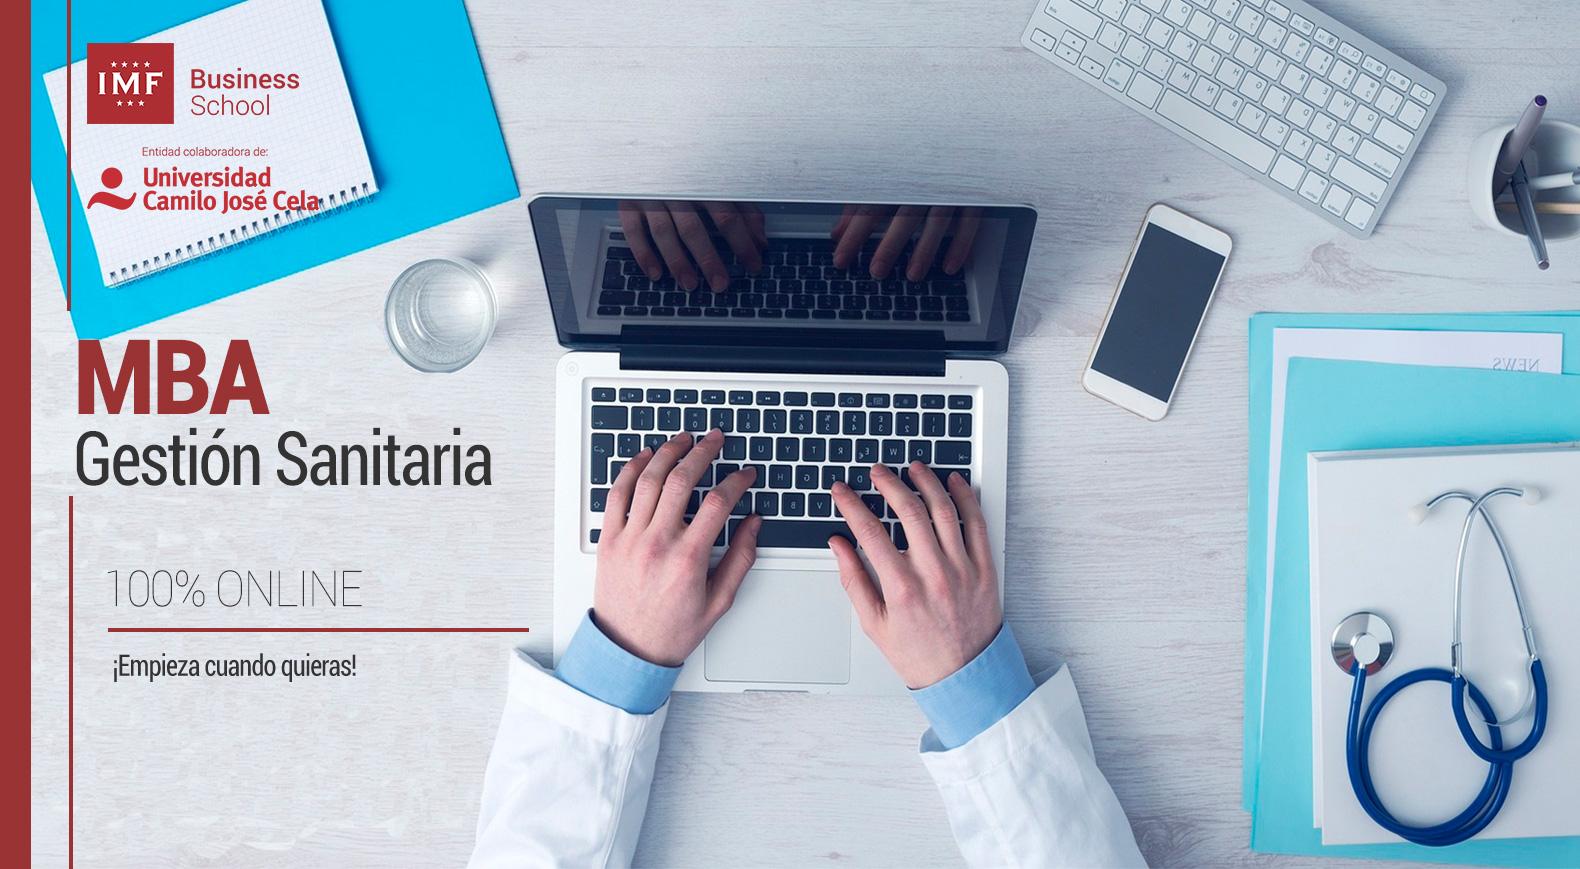 MBA Online en Gestion Sanitaria